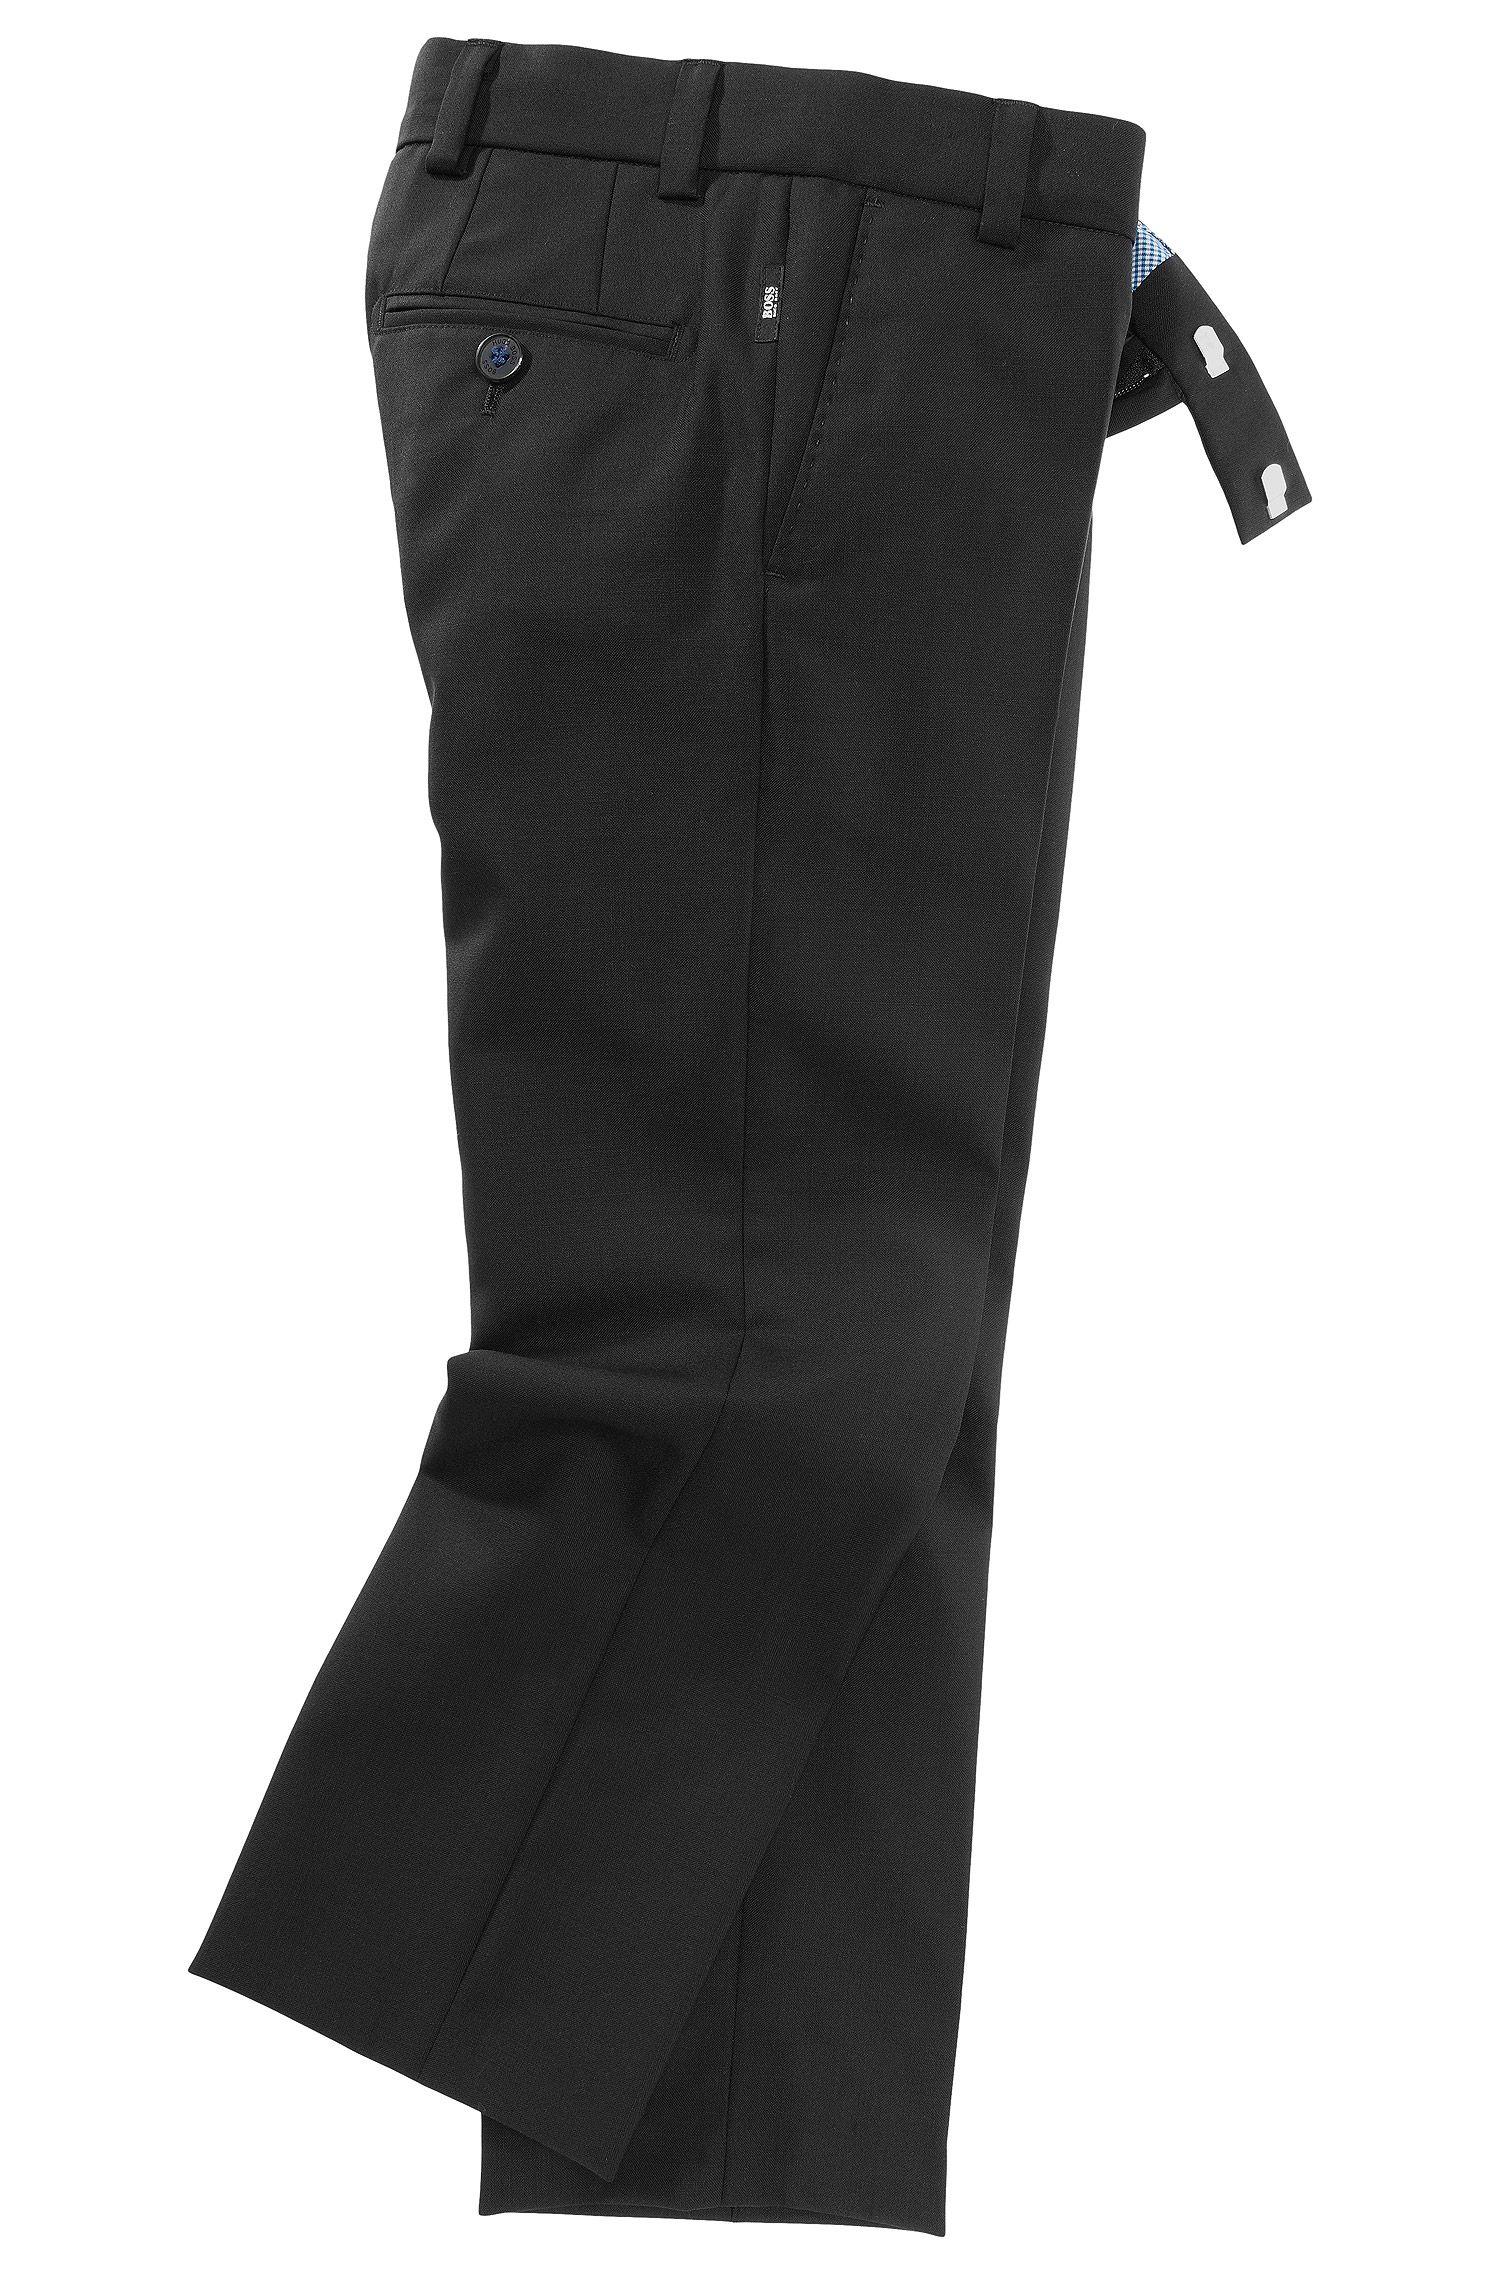 Pantalon de costume en pure laine, J24203